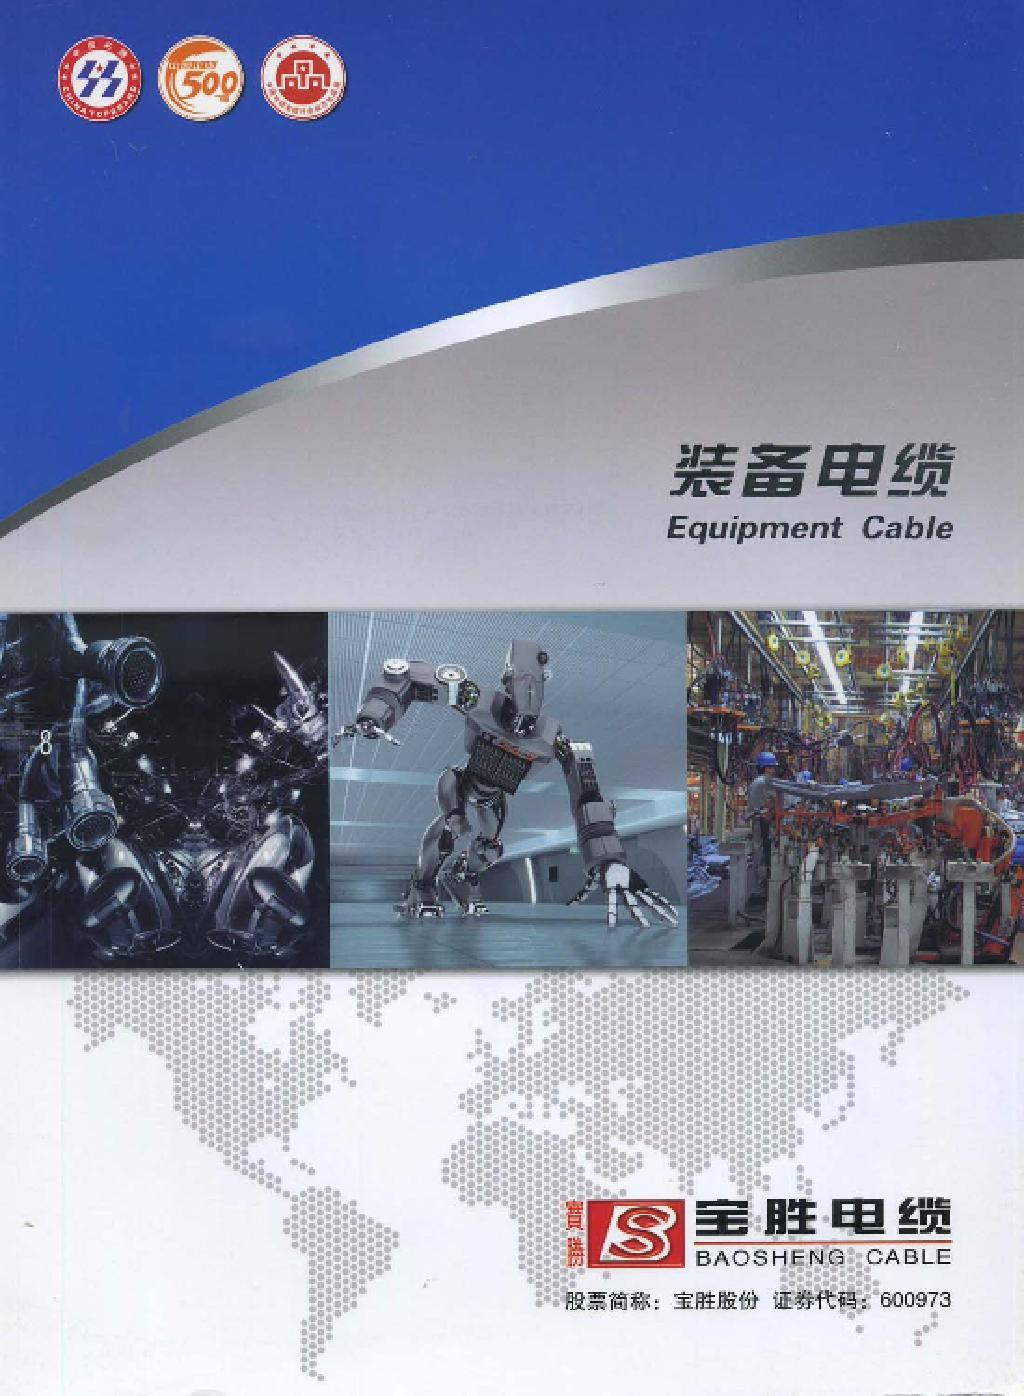 装备电缆宣传画册